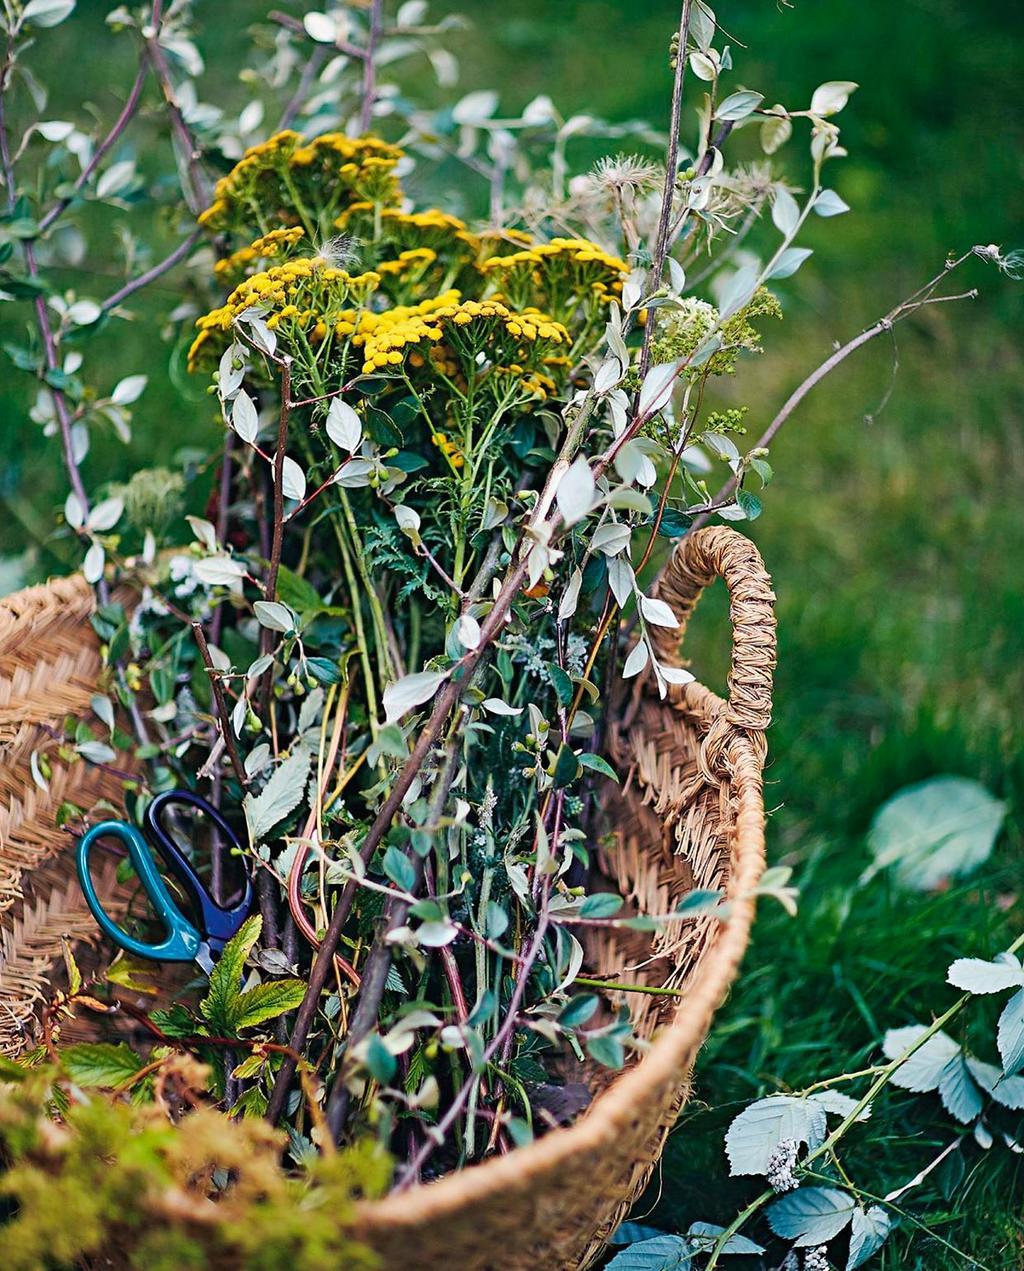 vtwonen special zomerboek 08-2020 | mand met geplukte bloemen en een schaar in de pluktuin